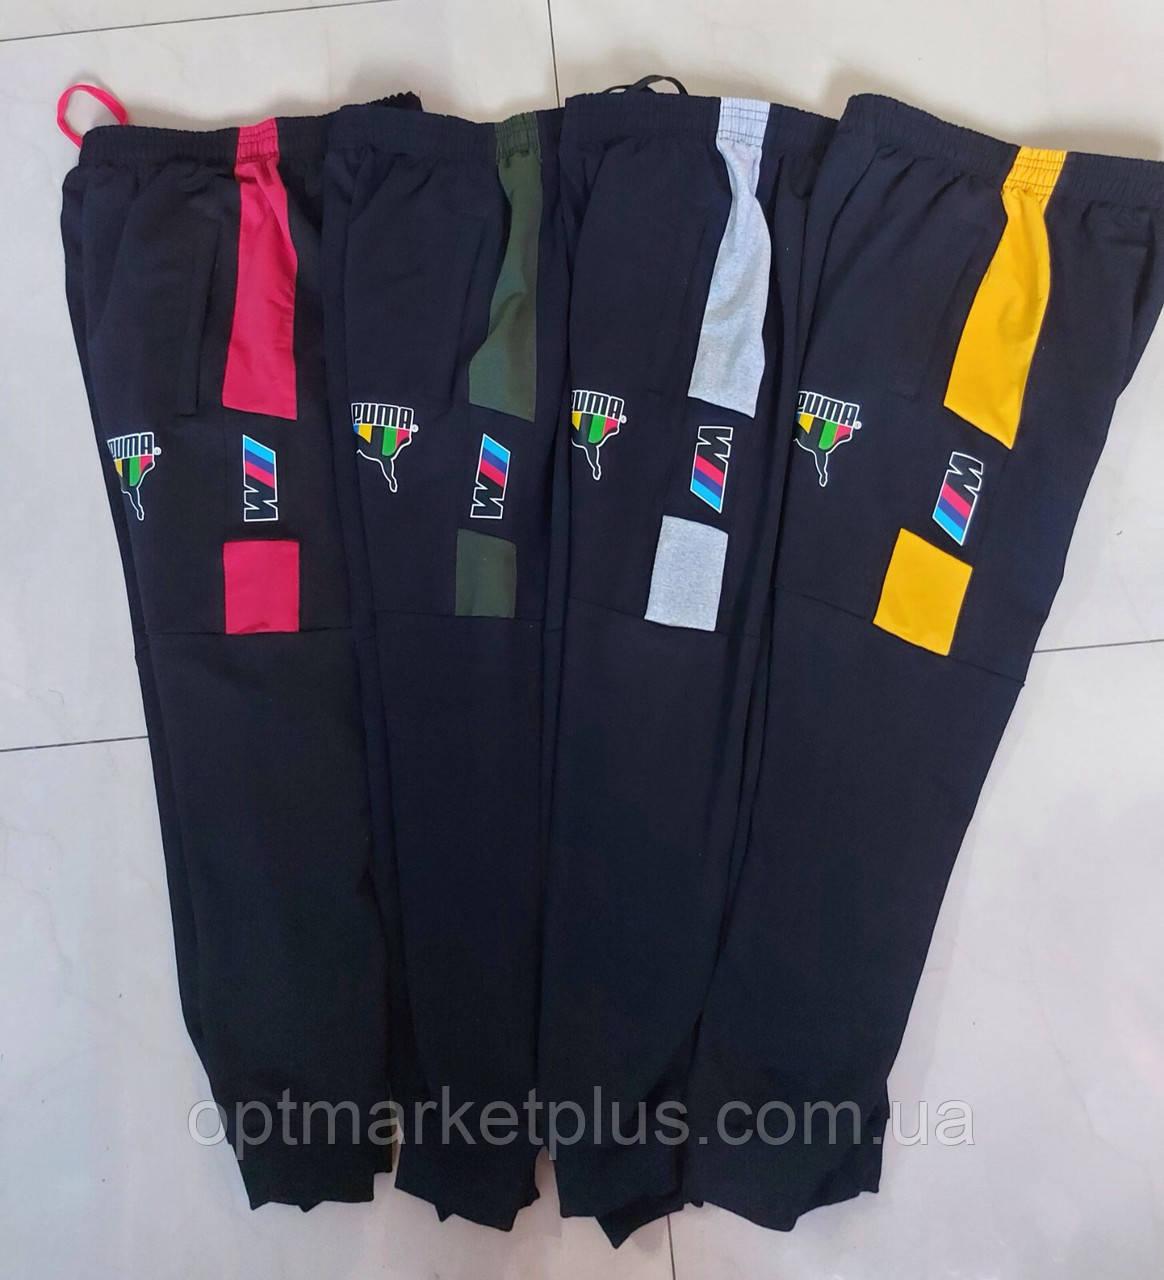 Спортивные штаны (12-16 лет) оптом купить от склада 7 км Одесса